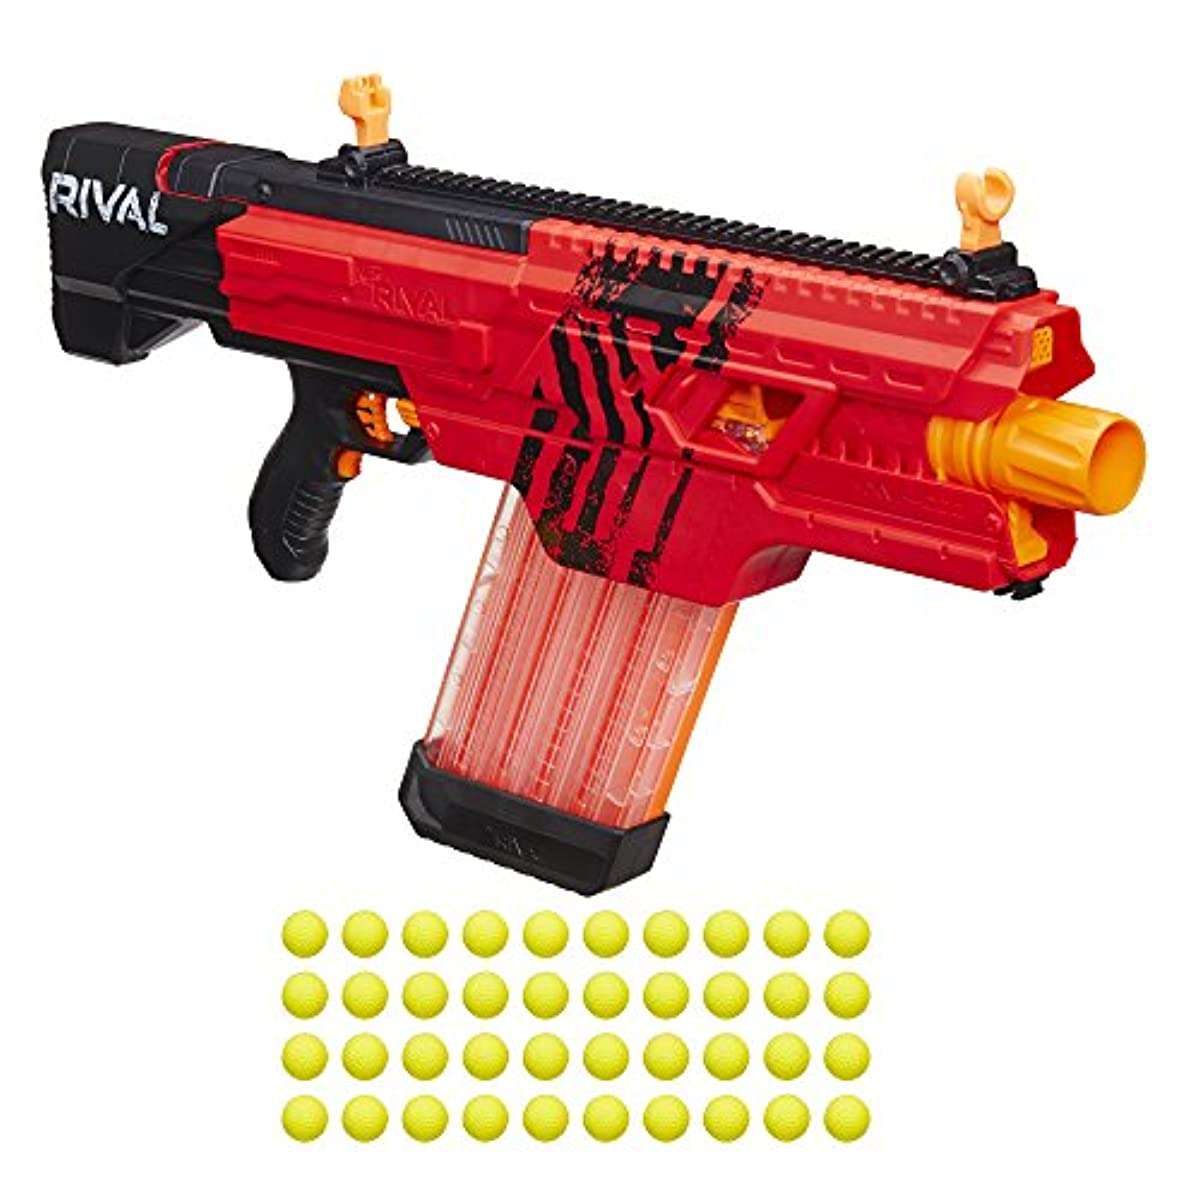 [너프건 라이벌 카오스 장난감총] Nerf Rival Khaos MXVI-4000 Blaster (Red)